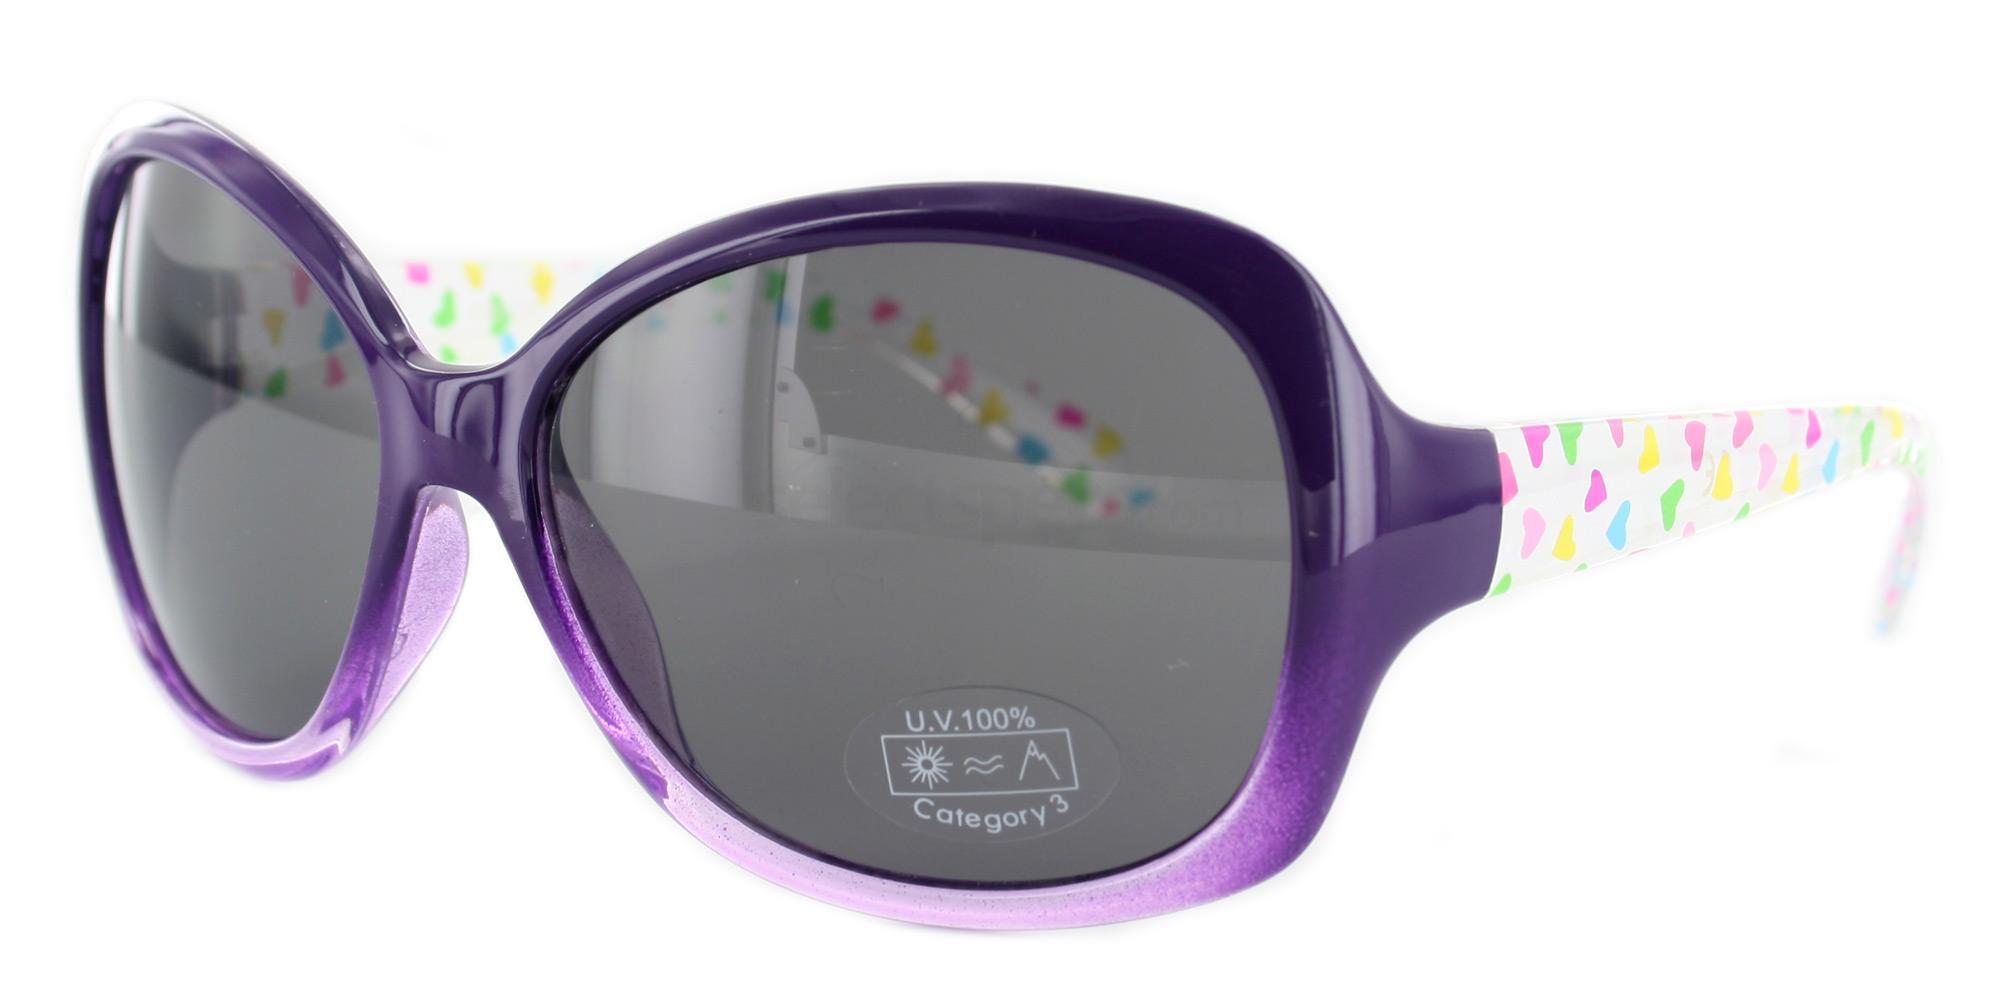 C05 KS03 - Oversized Sunglasses, Savannah KIDS